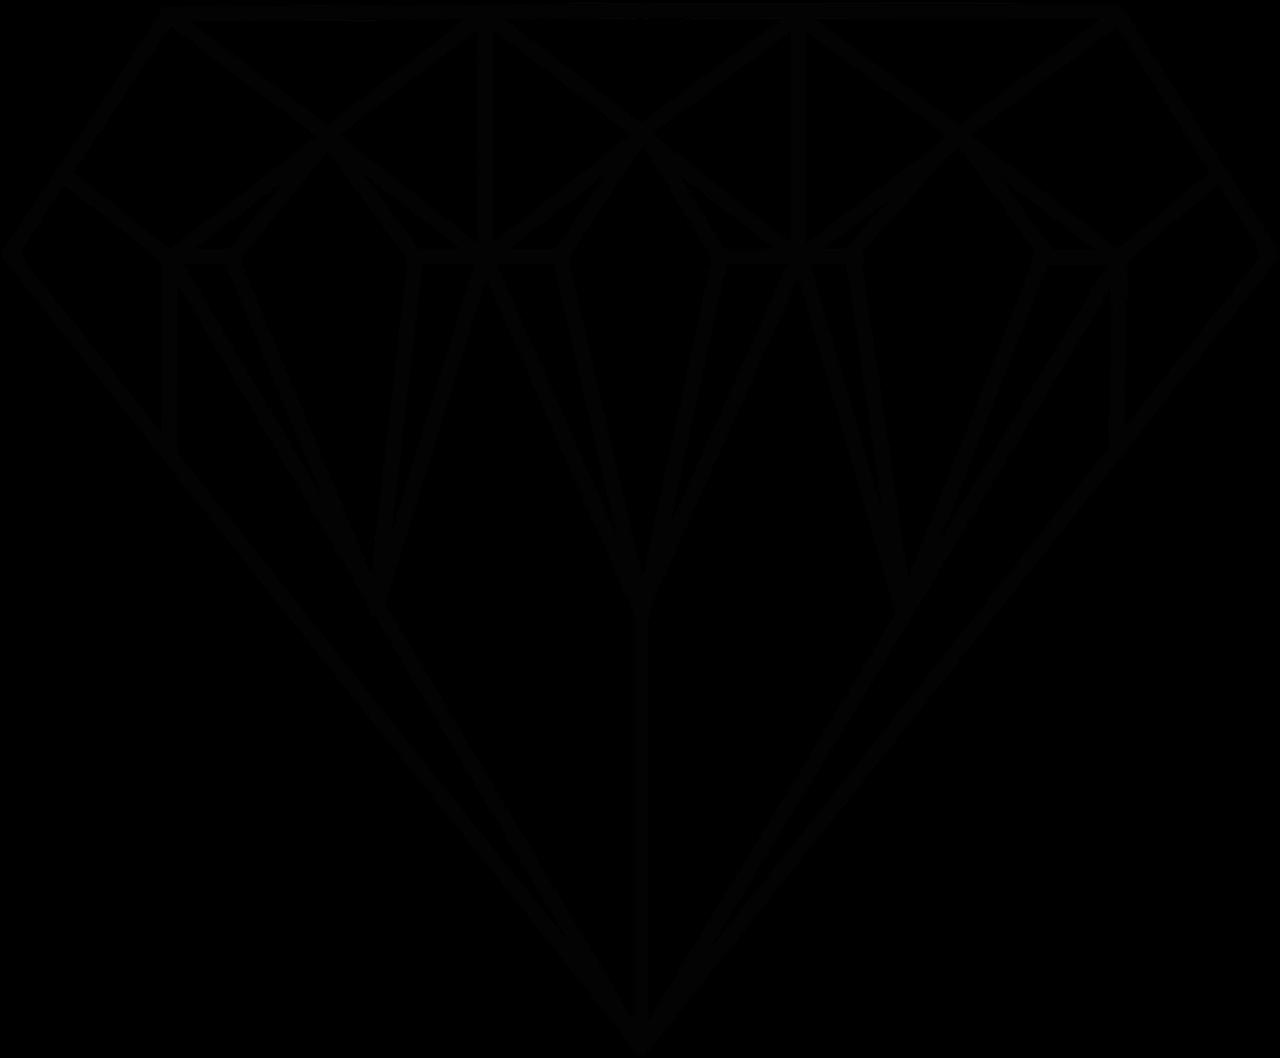 Diamonds jewel coloring page. Clipart diamond printable